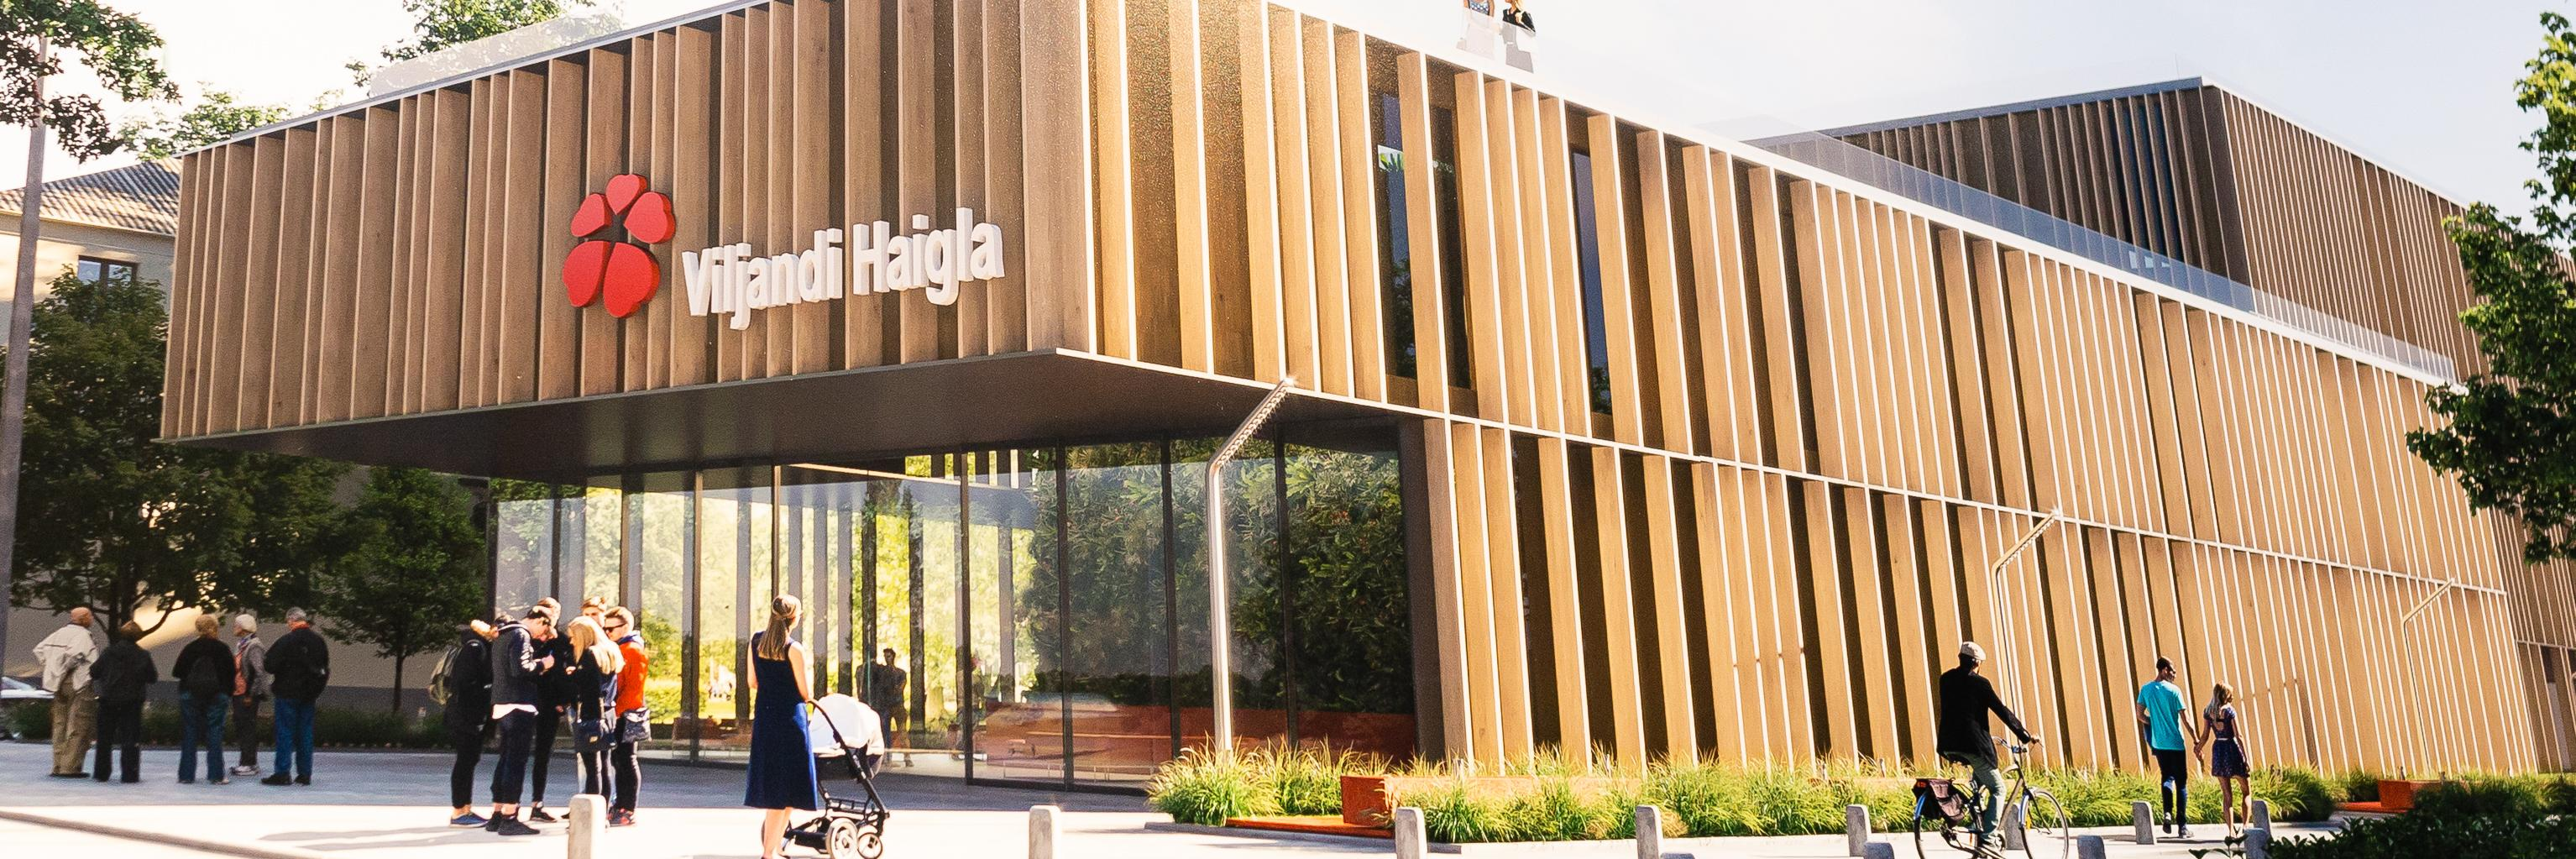 Viljandi uus haigla ja tervisekeskus